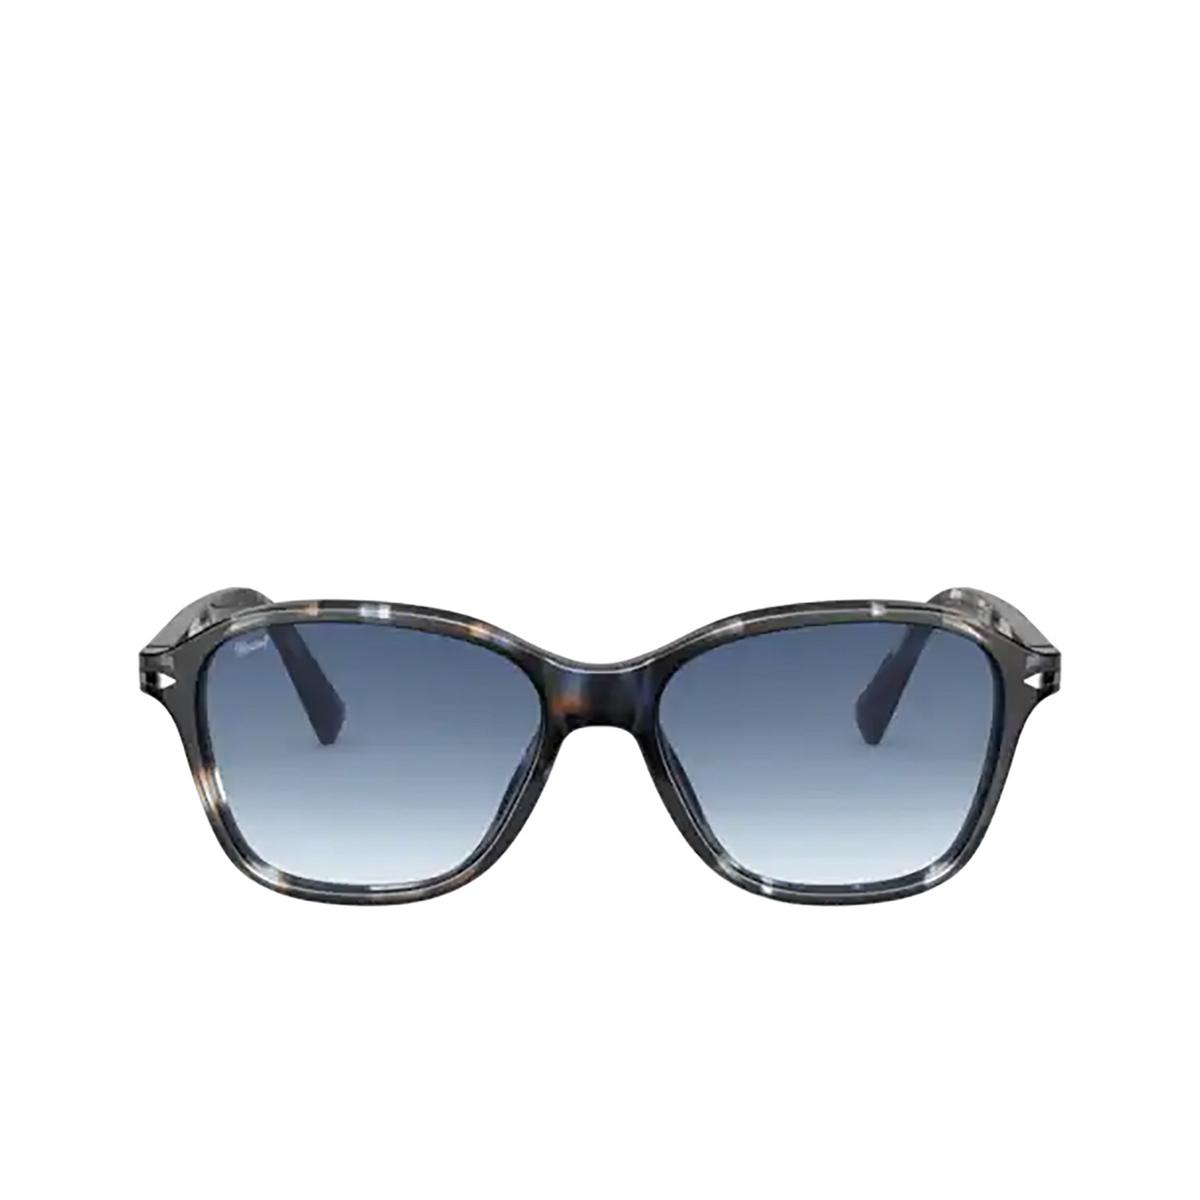 Persol® Square Sunglasses: PO3244S color Striped Blue & Grey 112632 - front view.